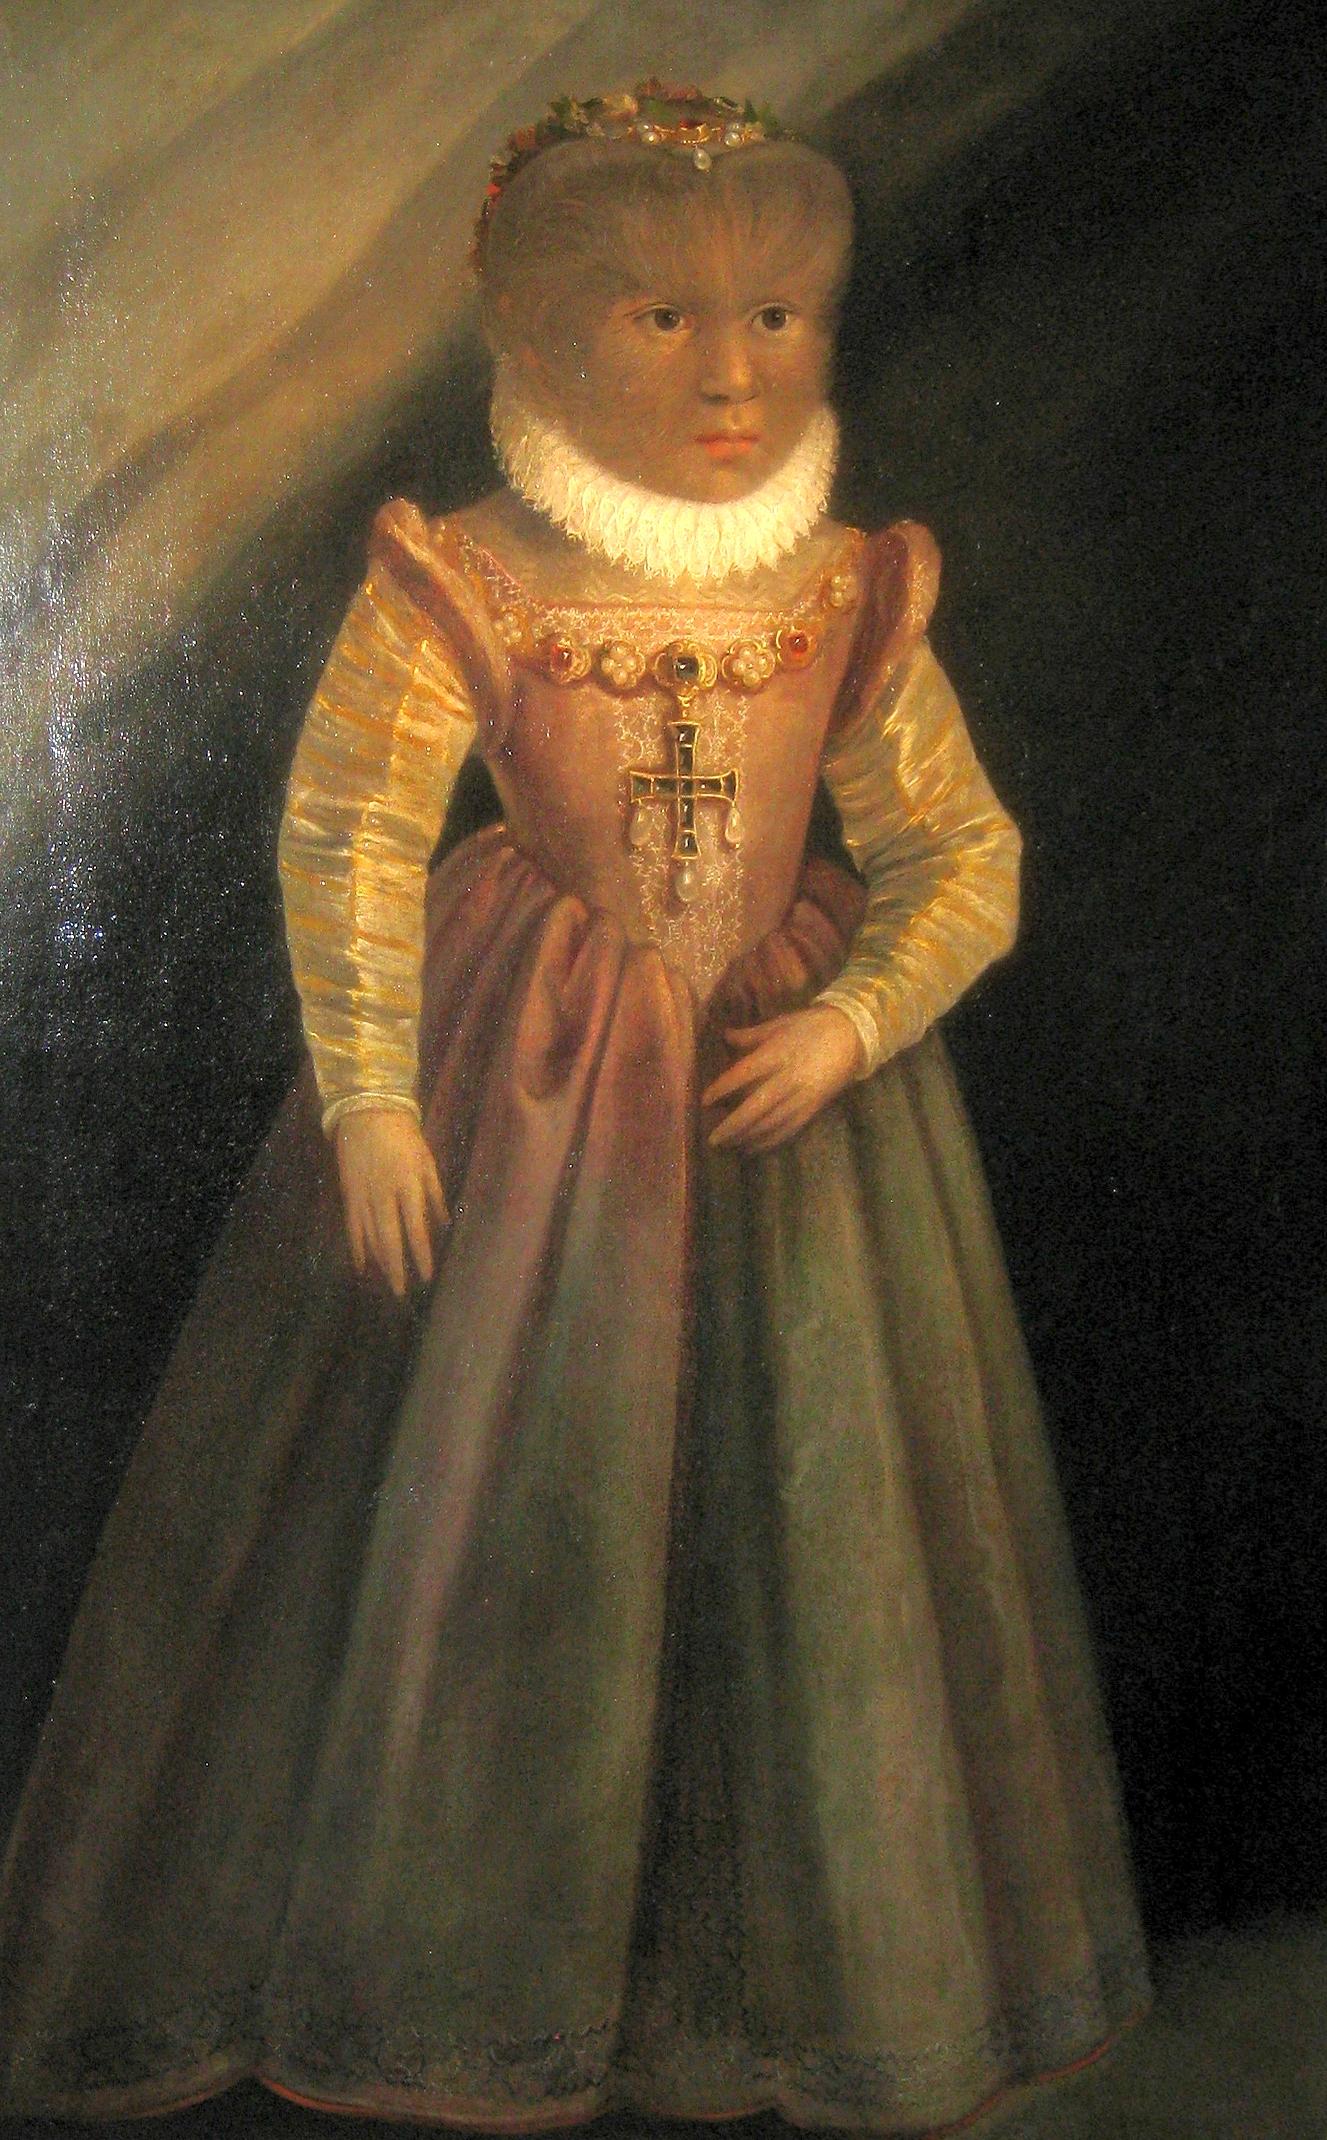 Pedro Gonsalvus